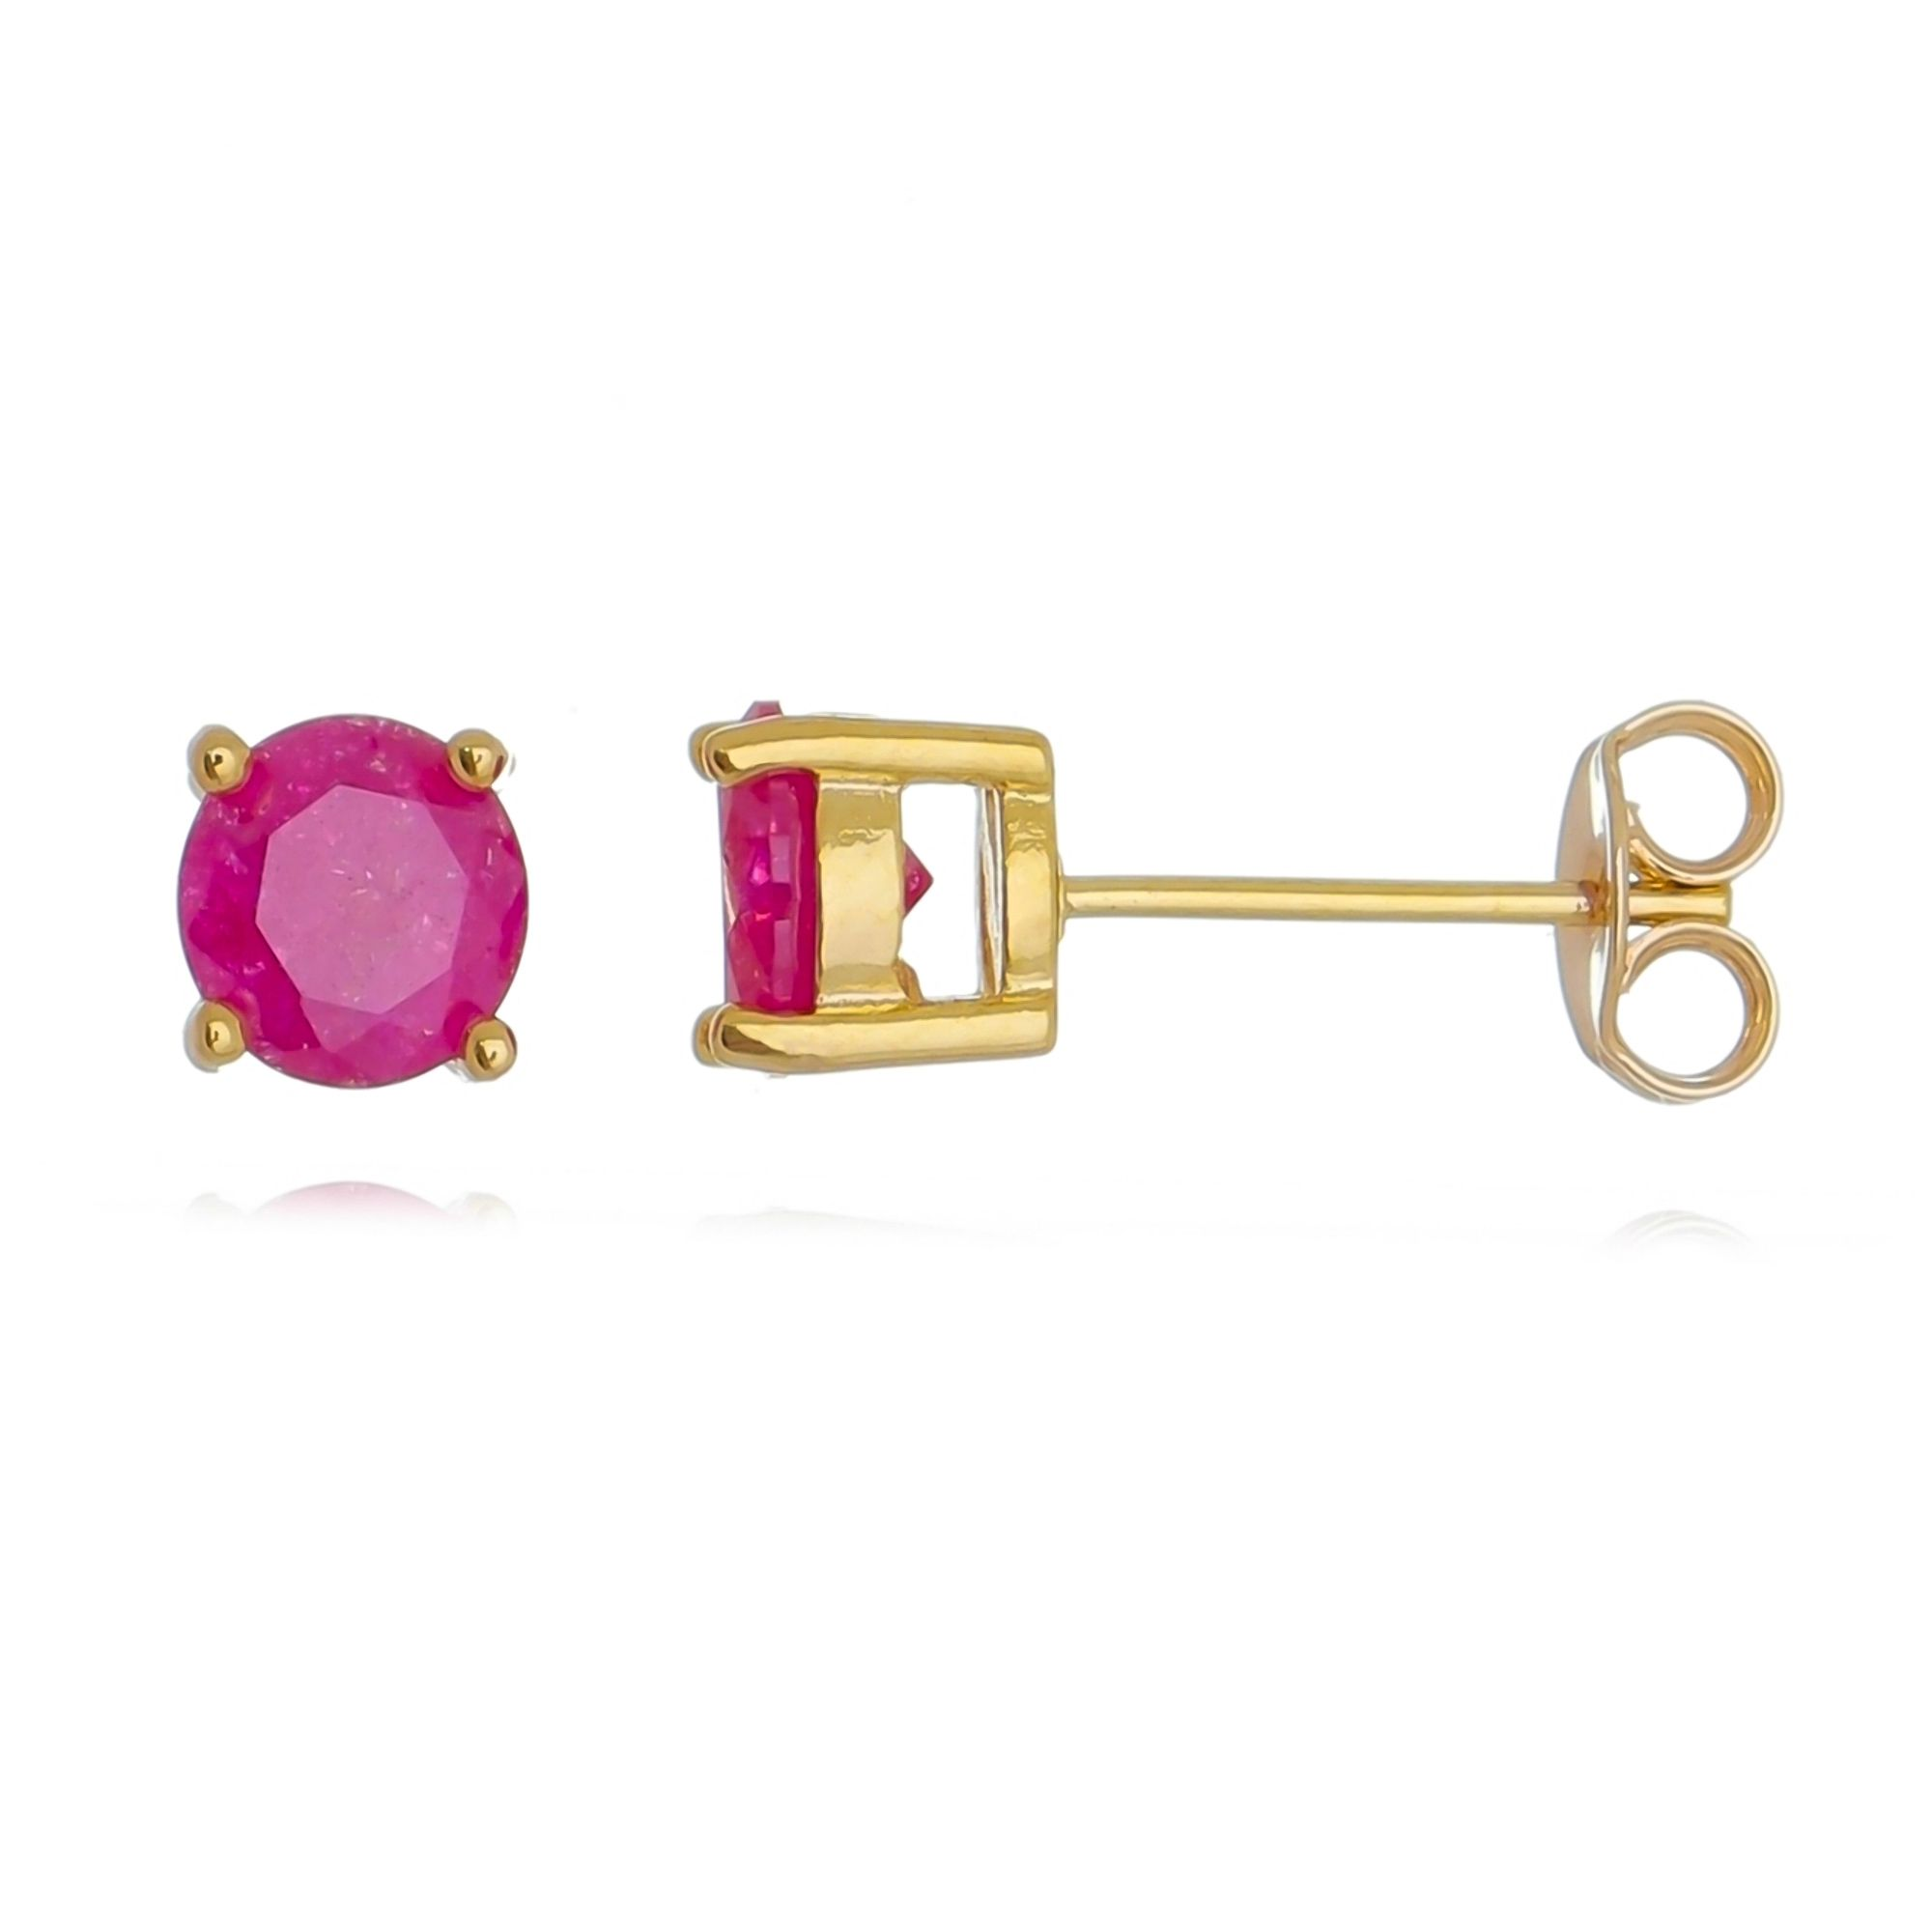 Brinco Redondo Rosa Fusion Dourado Semijoia Banho de Ouro  - Soloyou